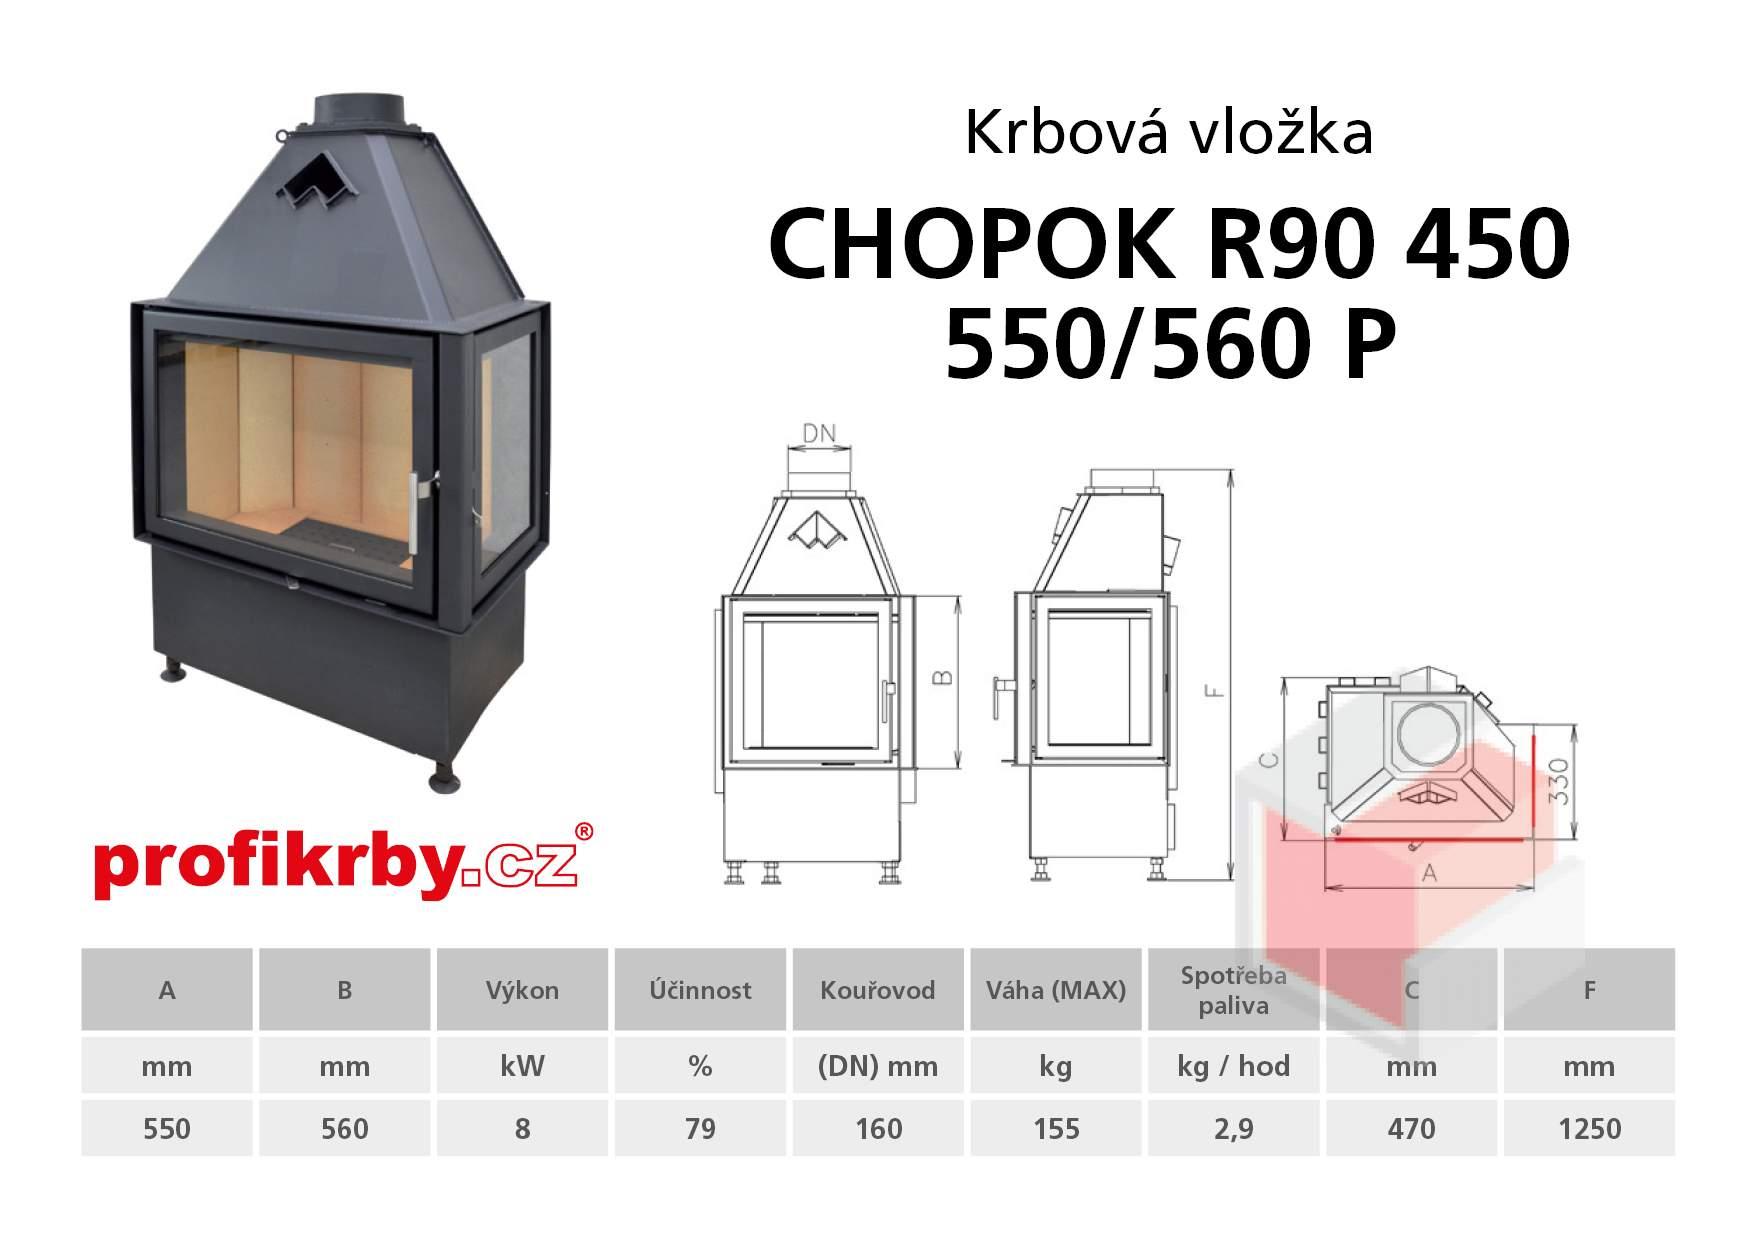 Krbová vložka CHOPOK R90x450 550 560 - Rohová - Dvoje dveře - Pr